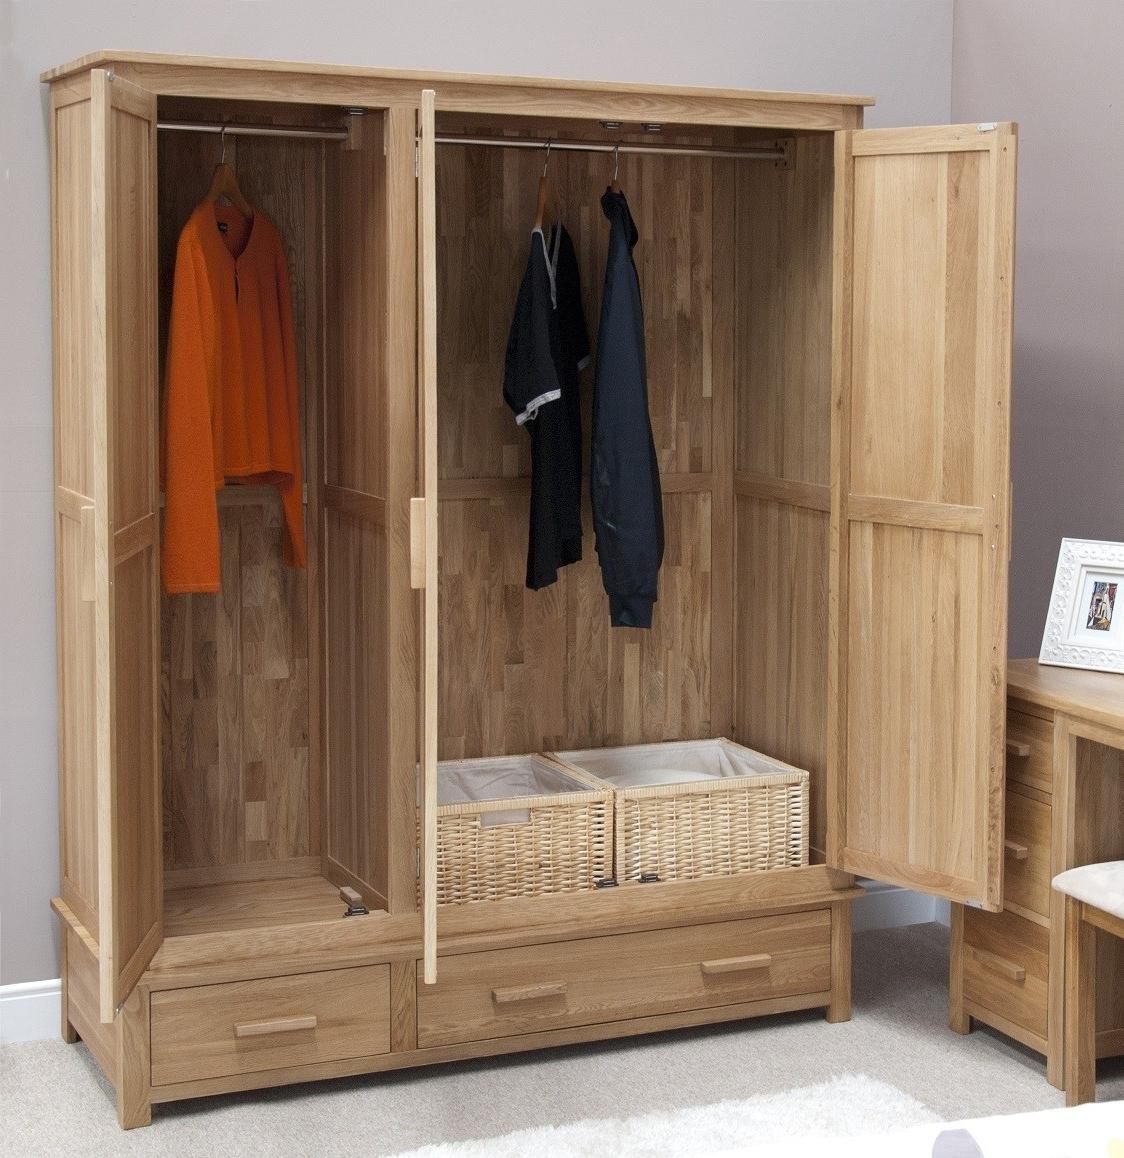 Oak Furniture Uk (View 14 of 15)